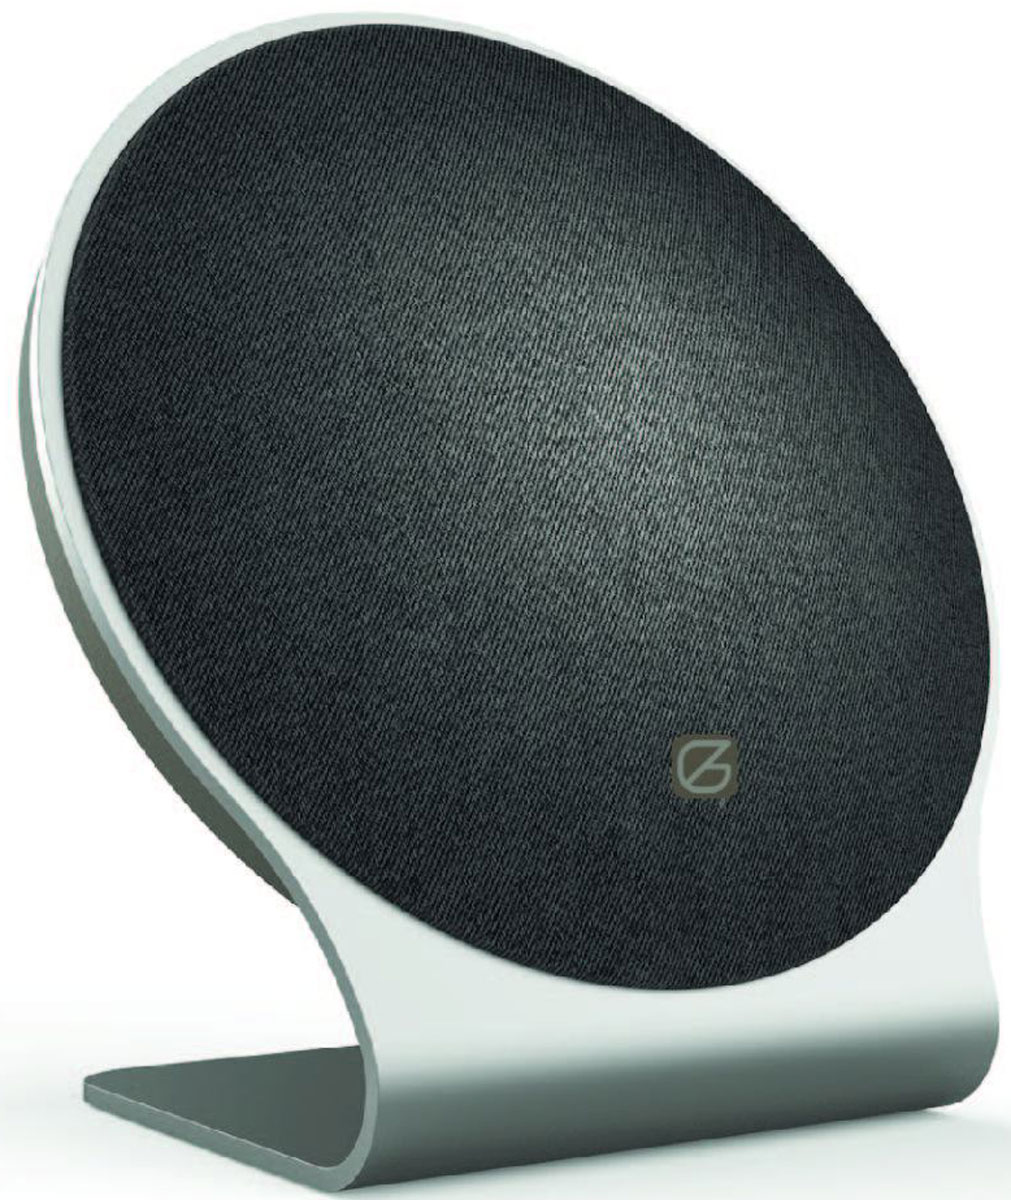 GZ Electronics LoftSound GZ-99, Black портативная акустическая системаБ0029814Bluetooth-колонка GZ Electronics LoftSound GZ-99 имеет насыщенное естественное звучание.Технология шумоподавления и эхо компенсации GZ обеспечивают безупречно четкое качество конференц-связи, а встроенный микрофон — возможность принимать входящие вызовы без смартфона.Поддержка Bluetooth позволяет слушать музыку в любом месте с помощью беспроводного соединения. Встроенный перезаряжаемый аккумулятор гарантирует около 5 часов бесперебойной работы.Безупречный дизайнВысококлассные материалы и стильная отделка удовлетворят самый взыскательный вкус.Диаметр динамиков: 30 мм (ВЧ), 78 мм (НЧ)Аккумулятор: 2200 мАч